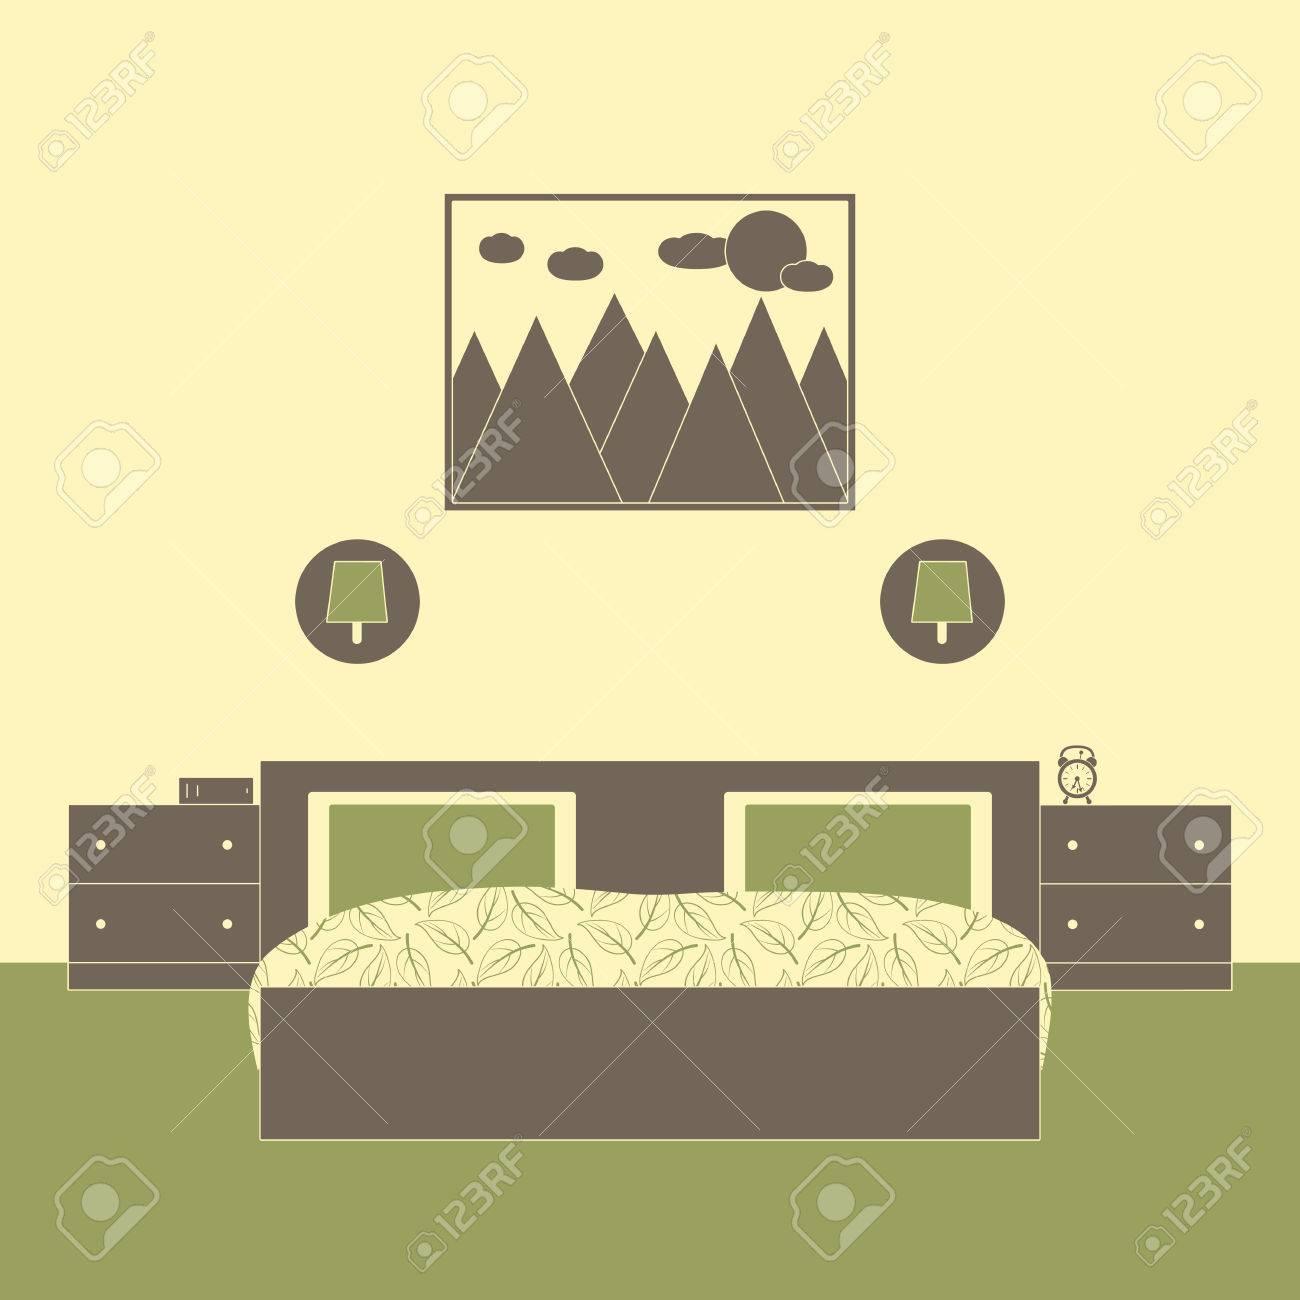 Lampade muro camera da letto: metà degli interni camera da letto ...